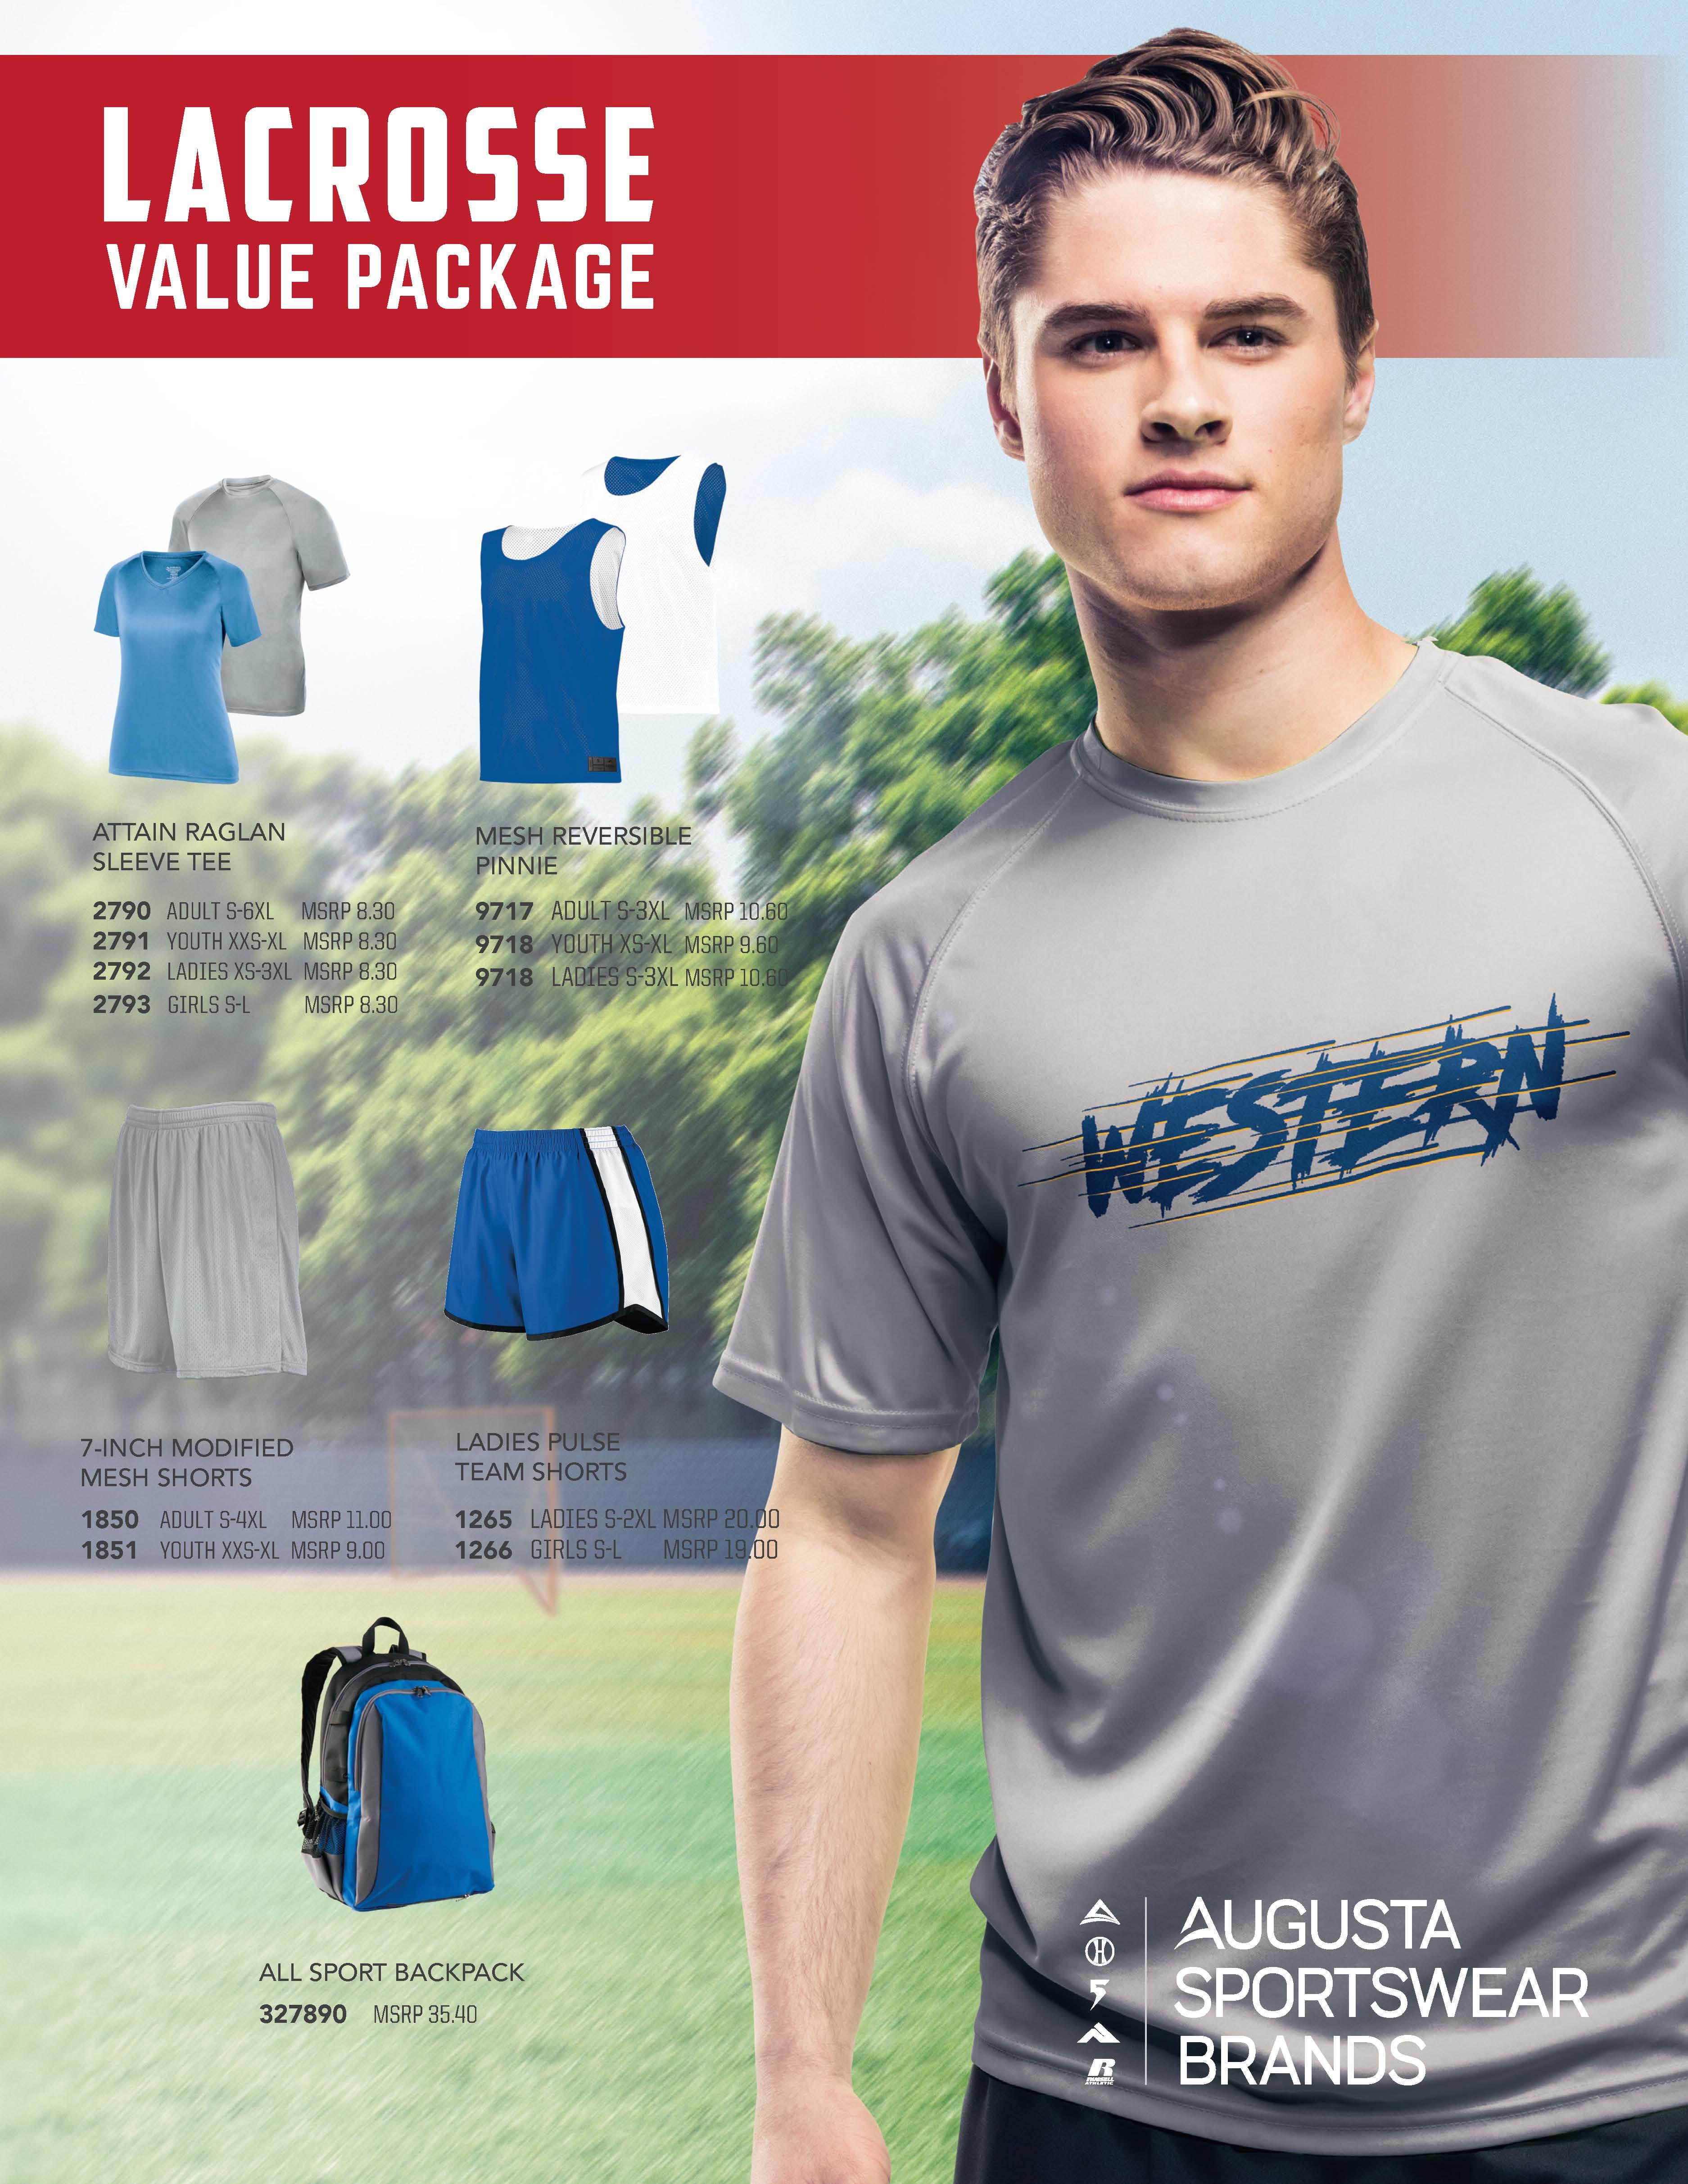 Lacrosse value bundle